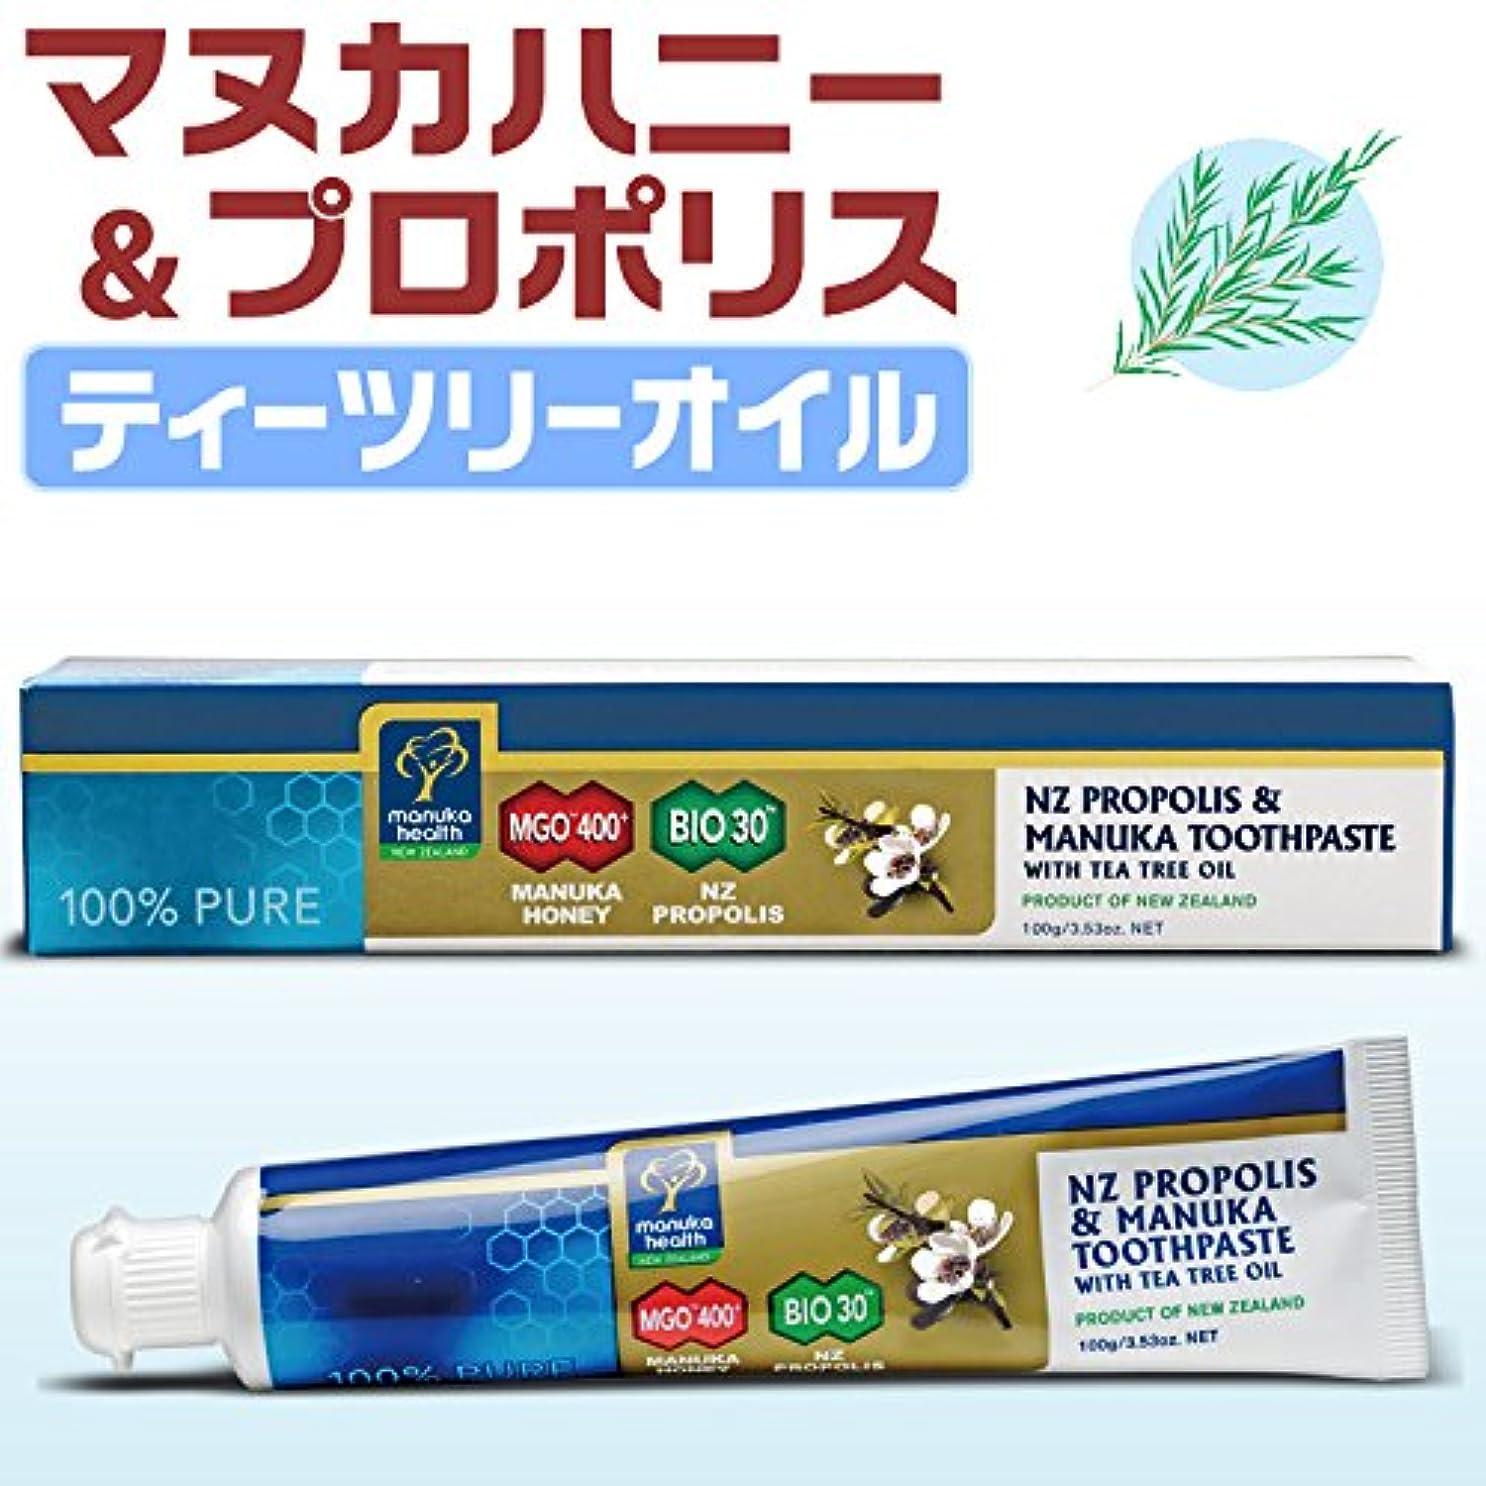 ちっちゃい不調和東ティモールプロポリス&マヌカハニー MGO400+ ティーツリーオイル 歯磨き粉 [100g]青